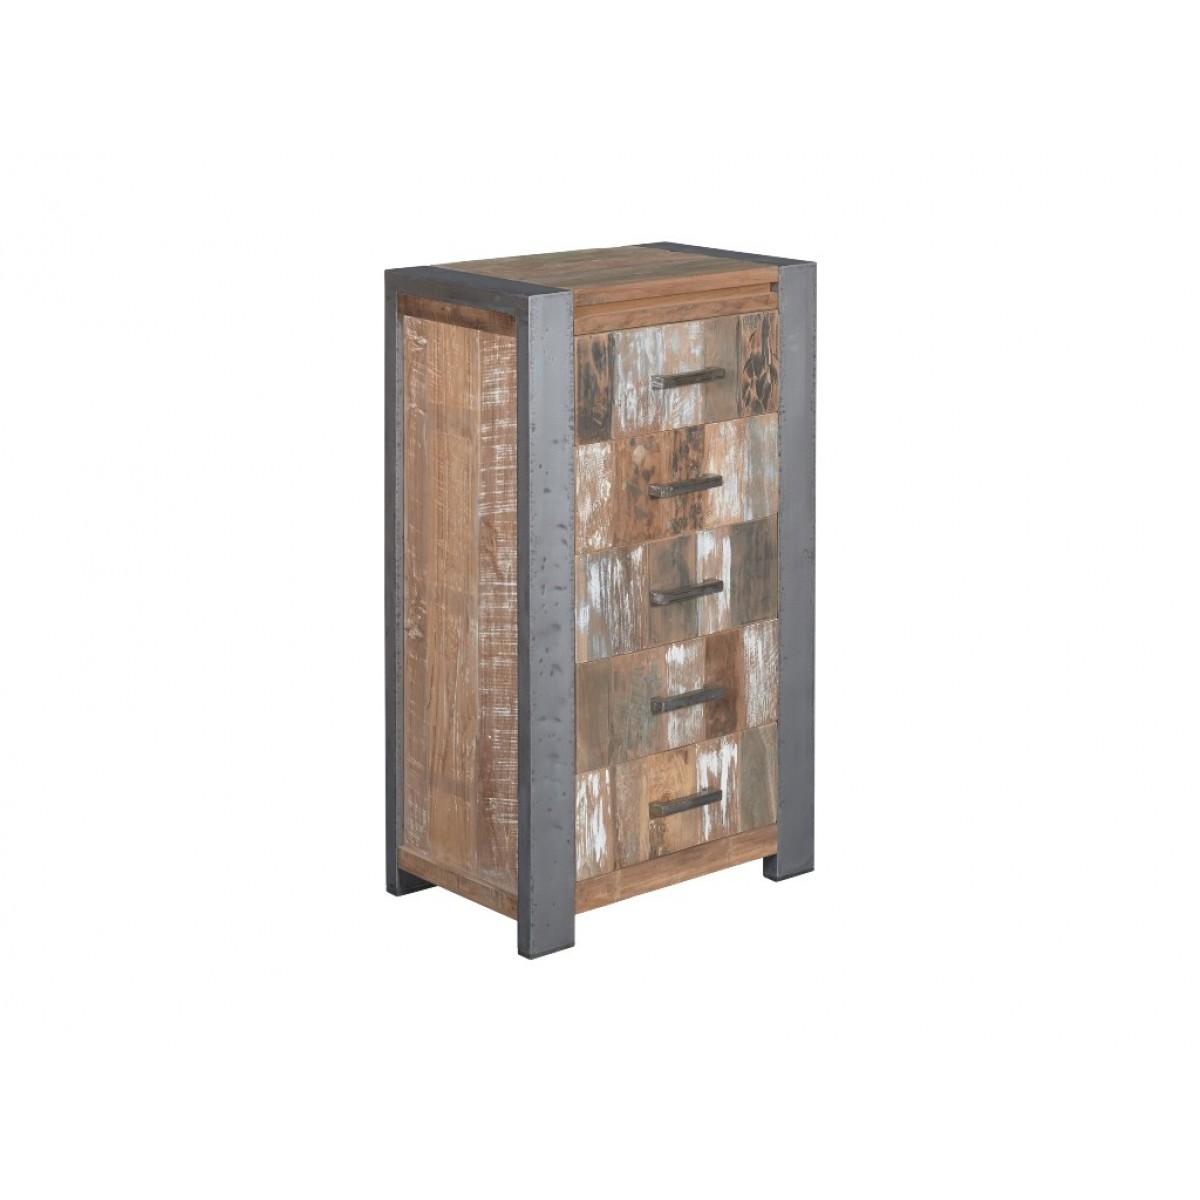 ladenkast-5lade-teak-hout-recycled-metalen-poot.jpg (303.85 k